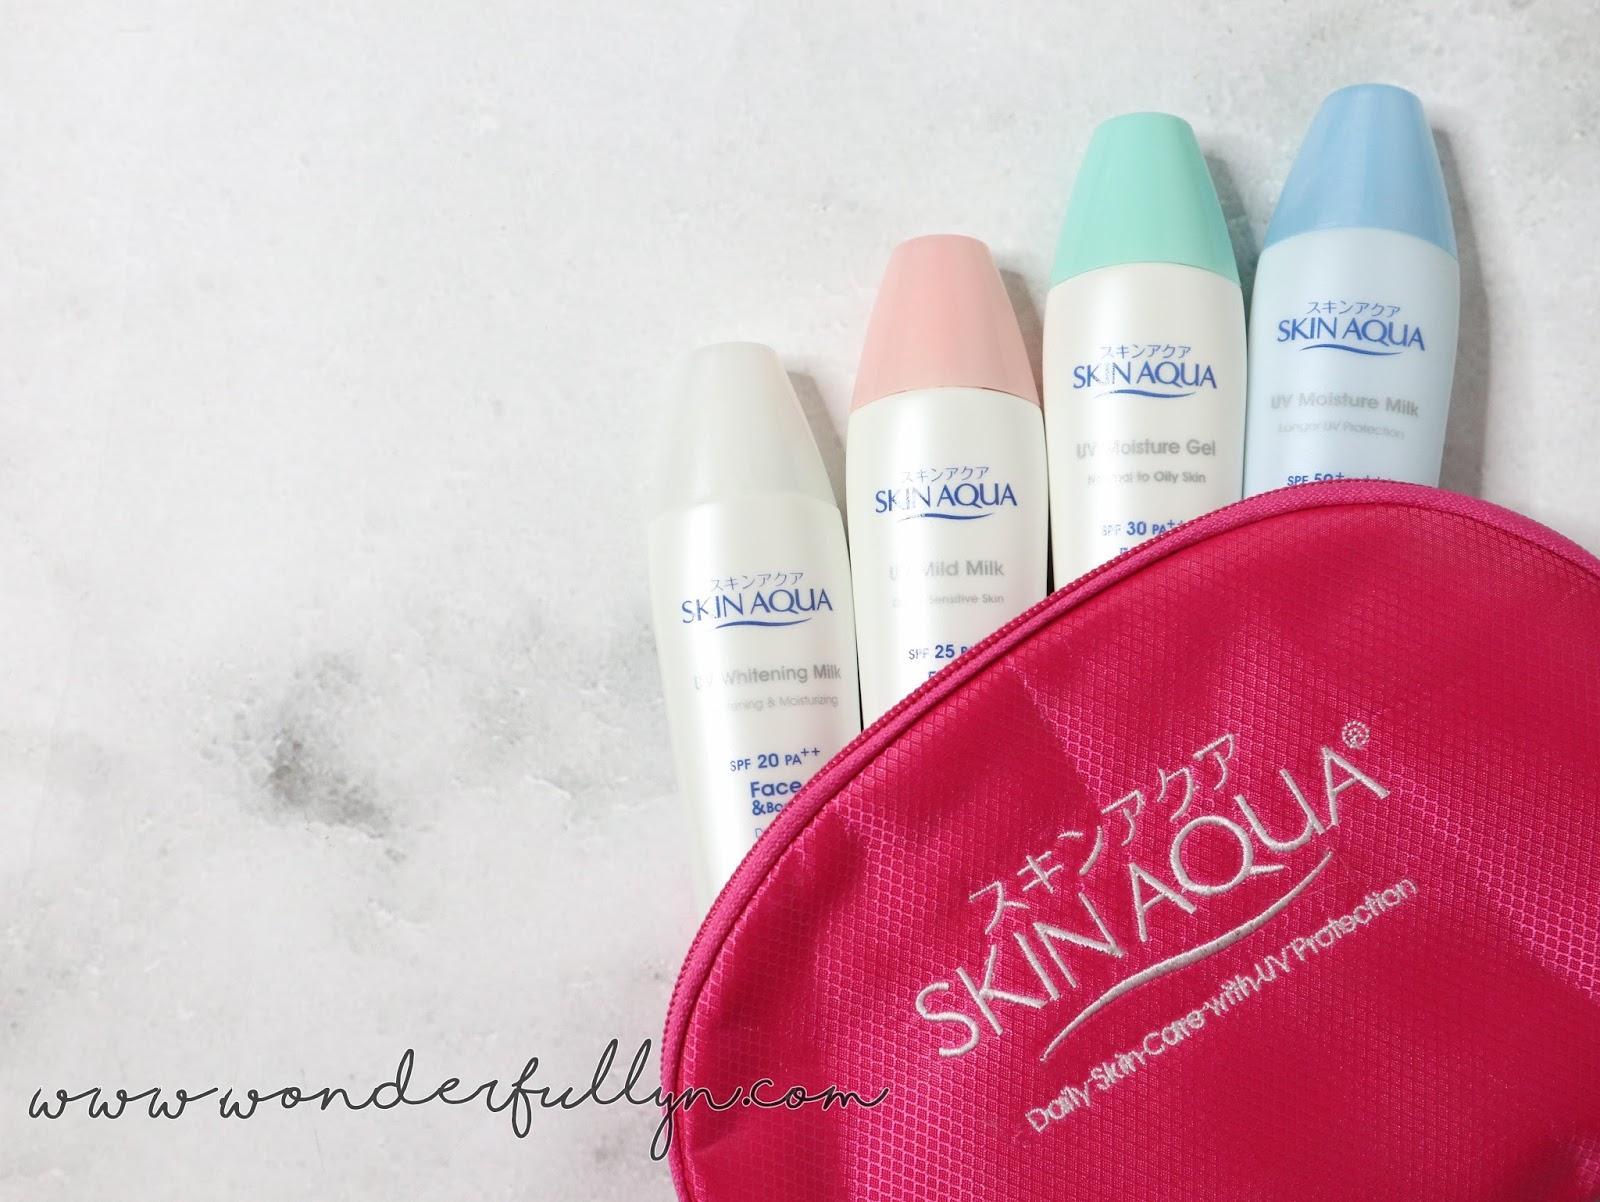 Review Skin Aqua Uv Moisture Gel Milk 40g Spf 30 Buat Kamu Yang Pingin Coba Juga Care Sesuai Dengan Kondisi Bisa Ikutan Giveaway Cchallenge X Whichskinaquaareyou